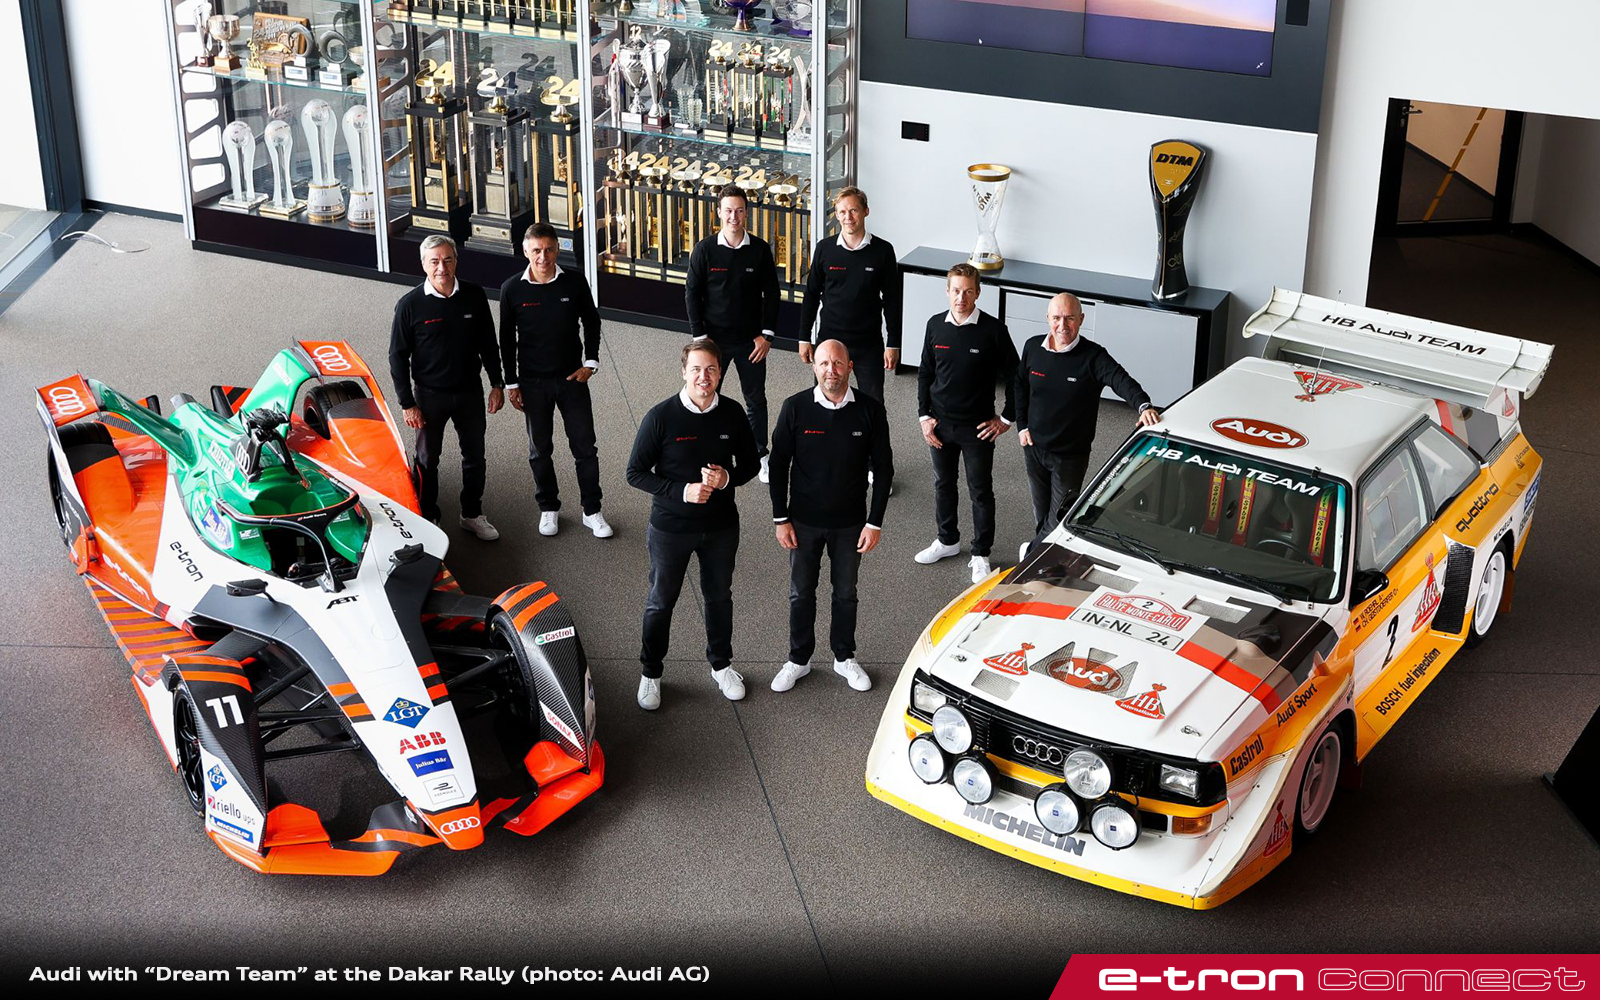 """Audi with """"Dream Team"""" at the Dakar Rally"""